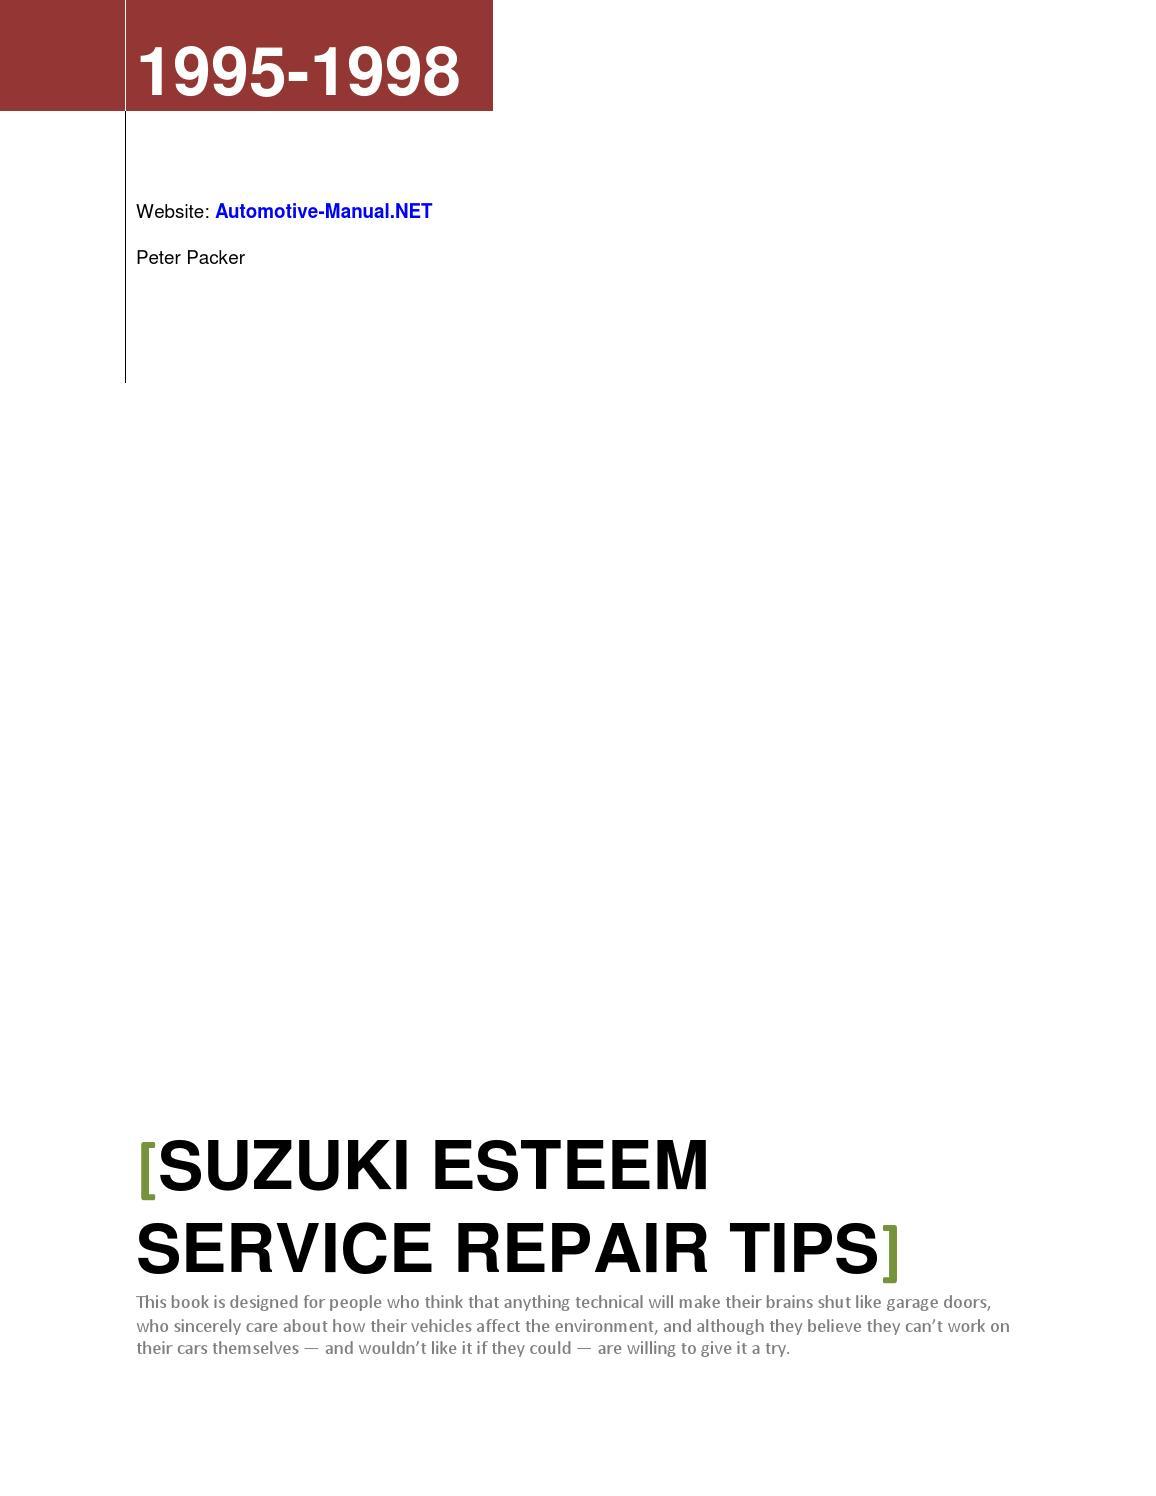 suzuki esteem 1995-1998 service repair tips by armando oliver - issuu